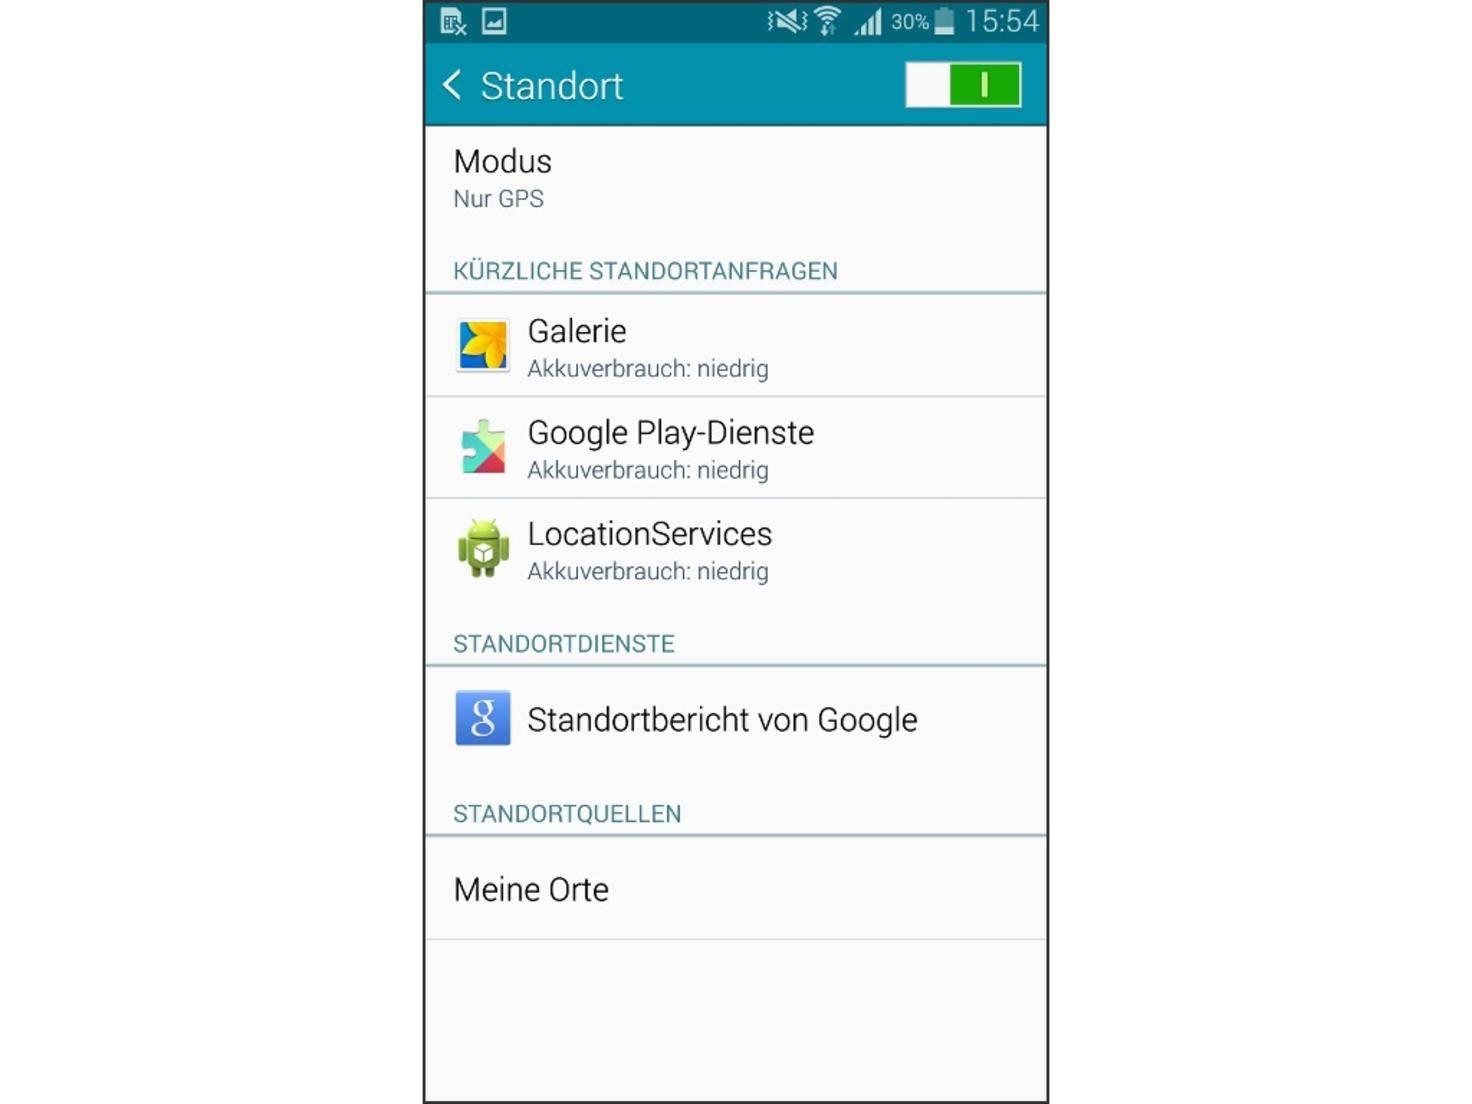 Die Standort-Dienste fressen beim Galaxy Note 4 ordentlich Akkulaufzeit.